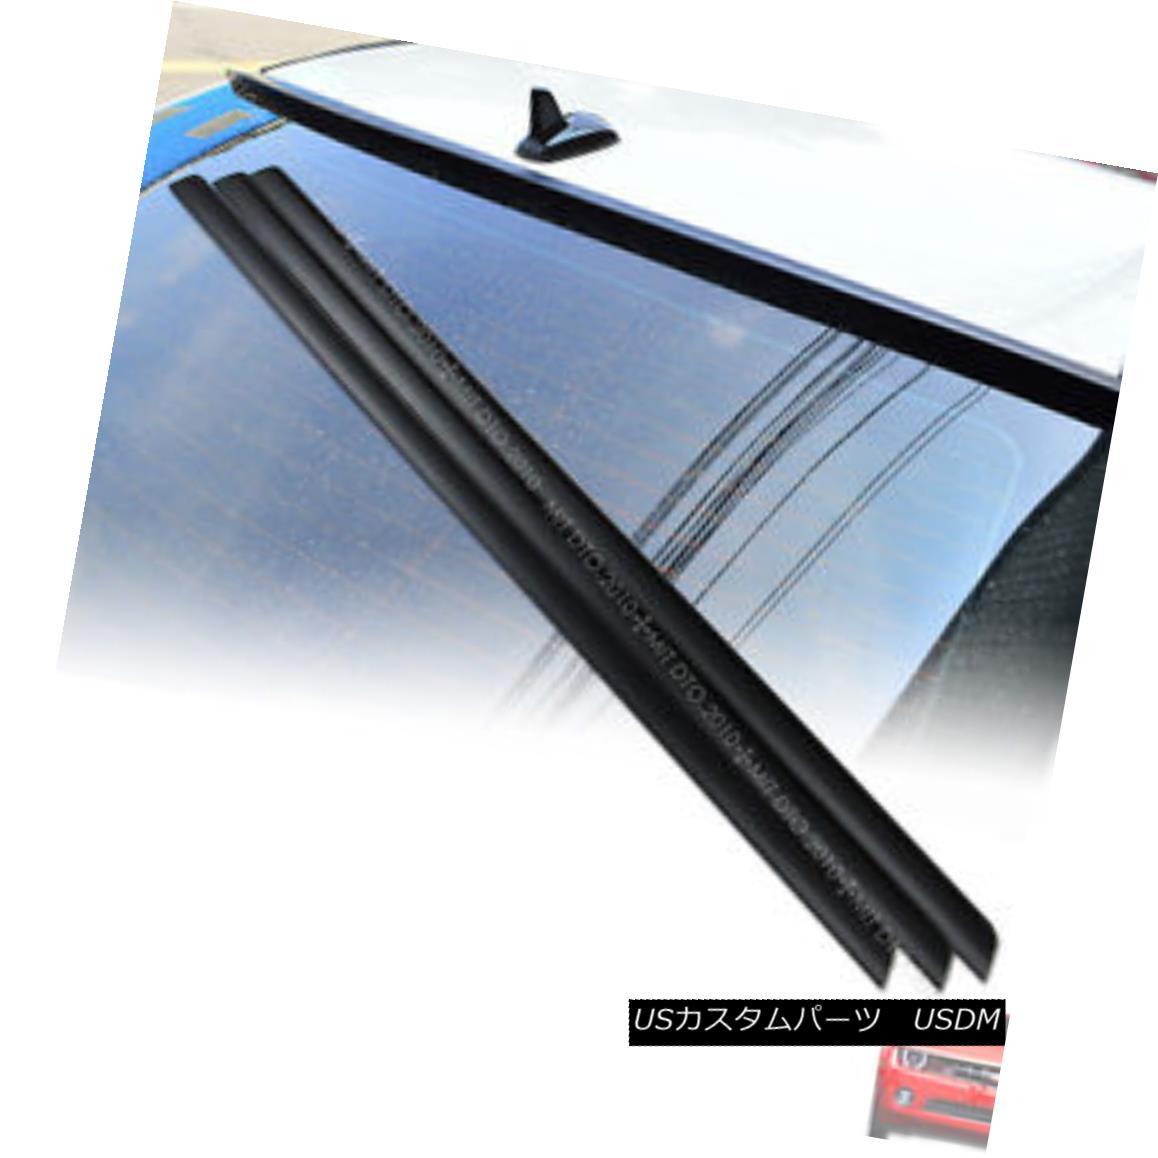 エアロパーツ Unpainted AUDI 8E B7 RS4 Rear Window Roof Spoiler Wing 06-08 4DR Sedan § 未塗装のAUDI 8E B7 RS4リアウィンドウルーフスポイラーウィング06-08 4DRセダン